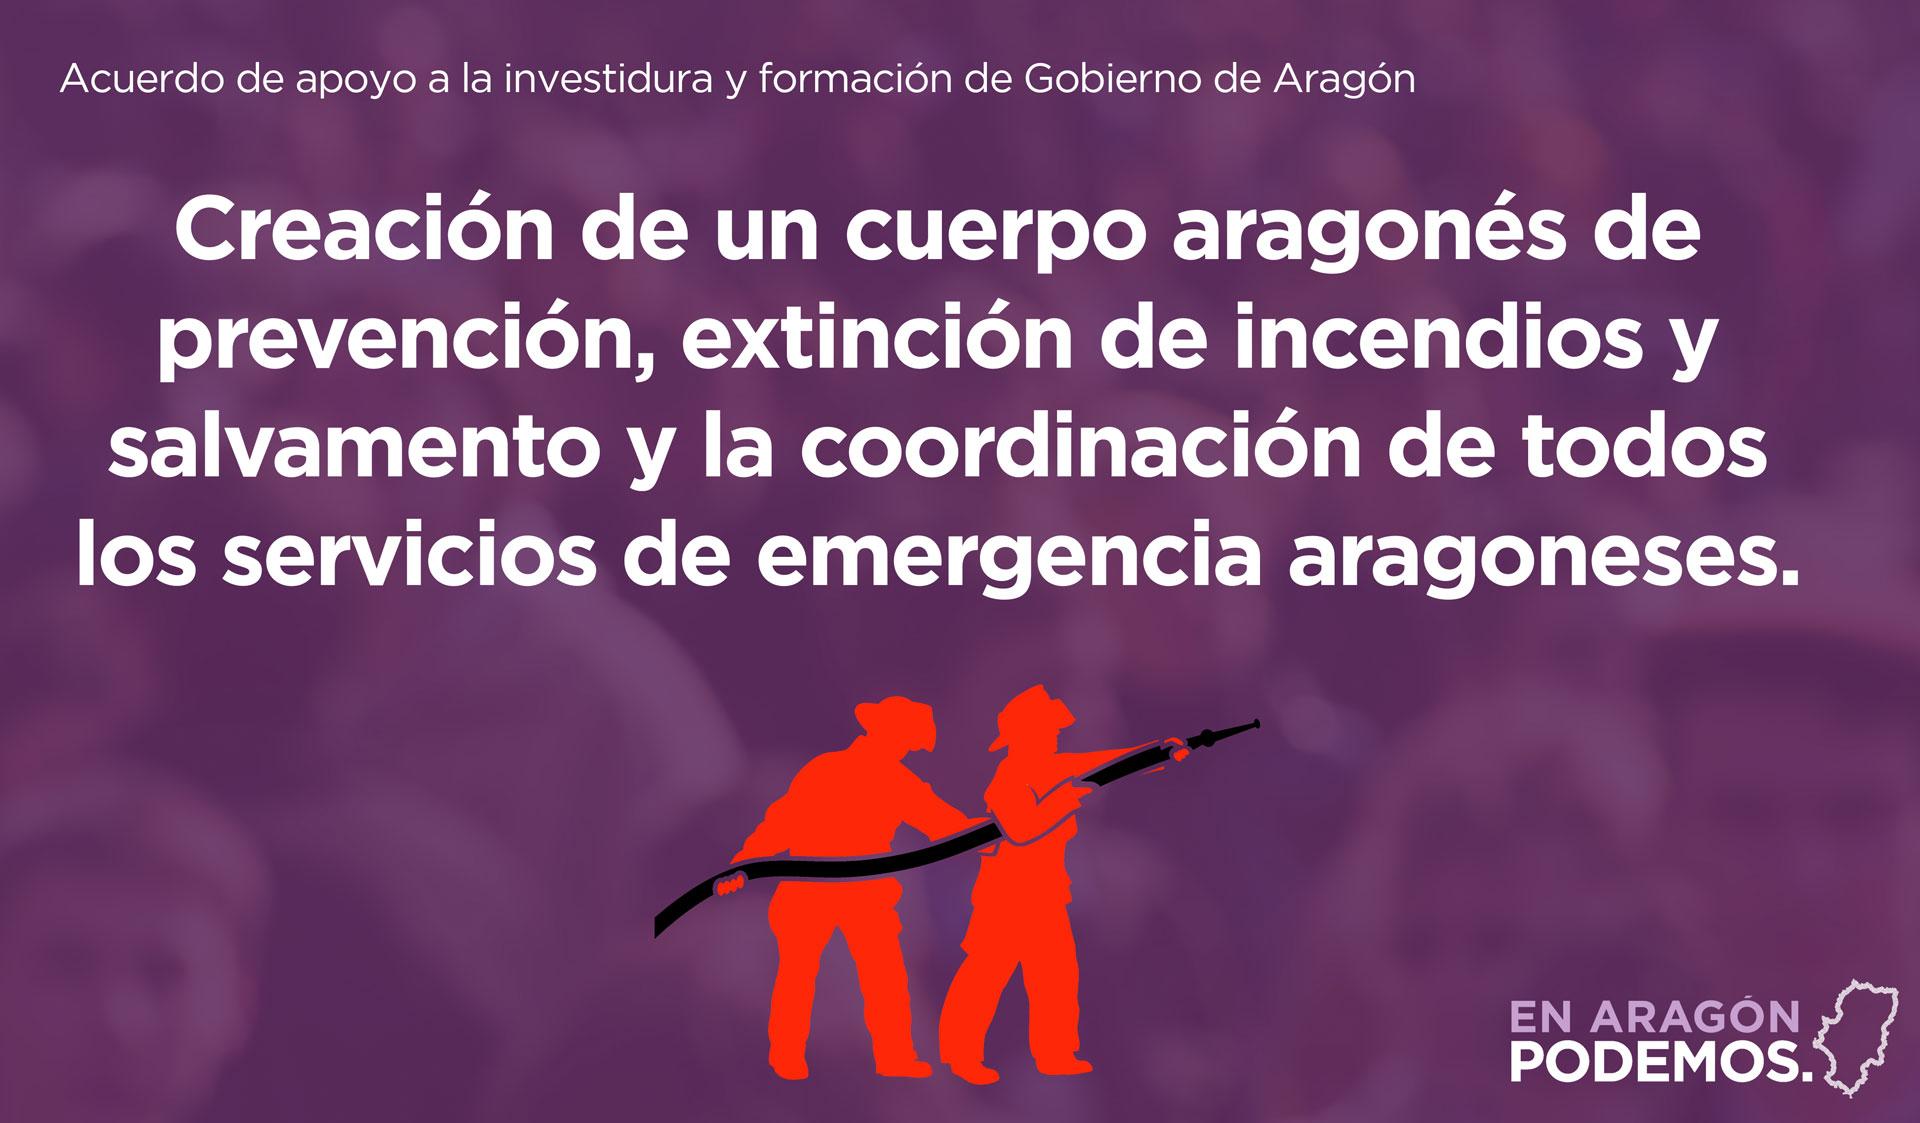 Creación de un cuerpo aragonés de prevención y extinción de incendios